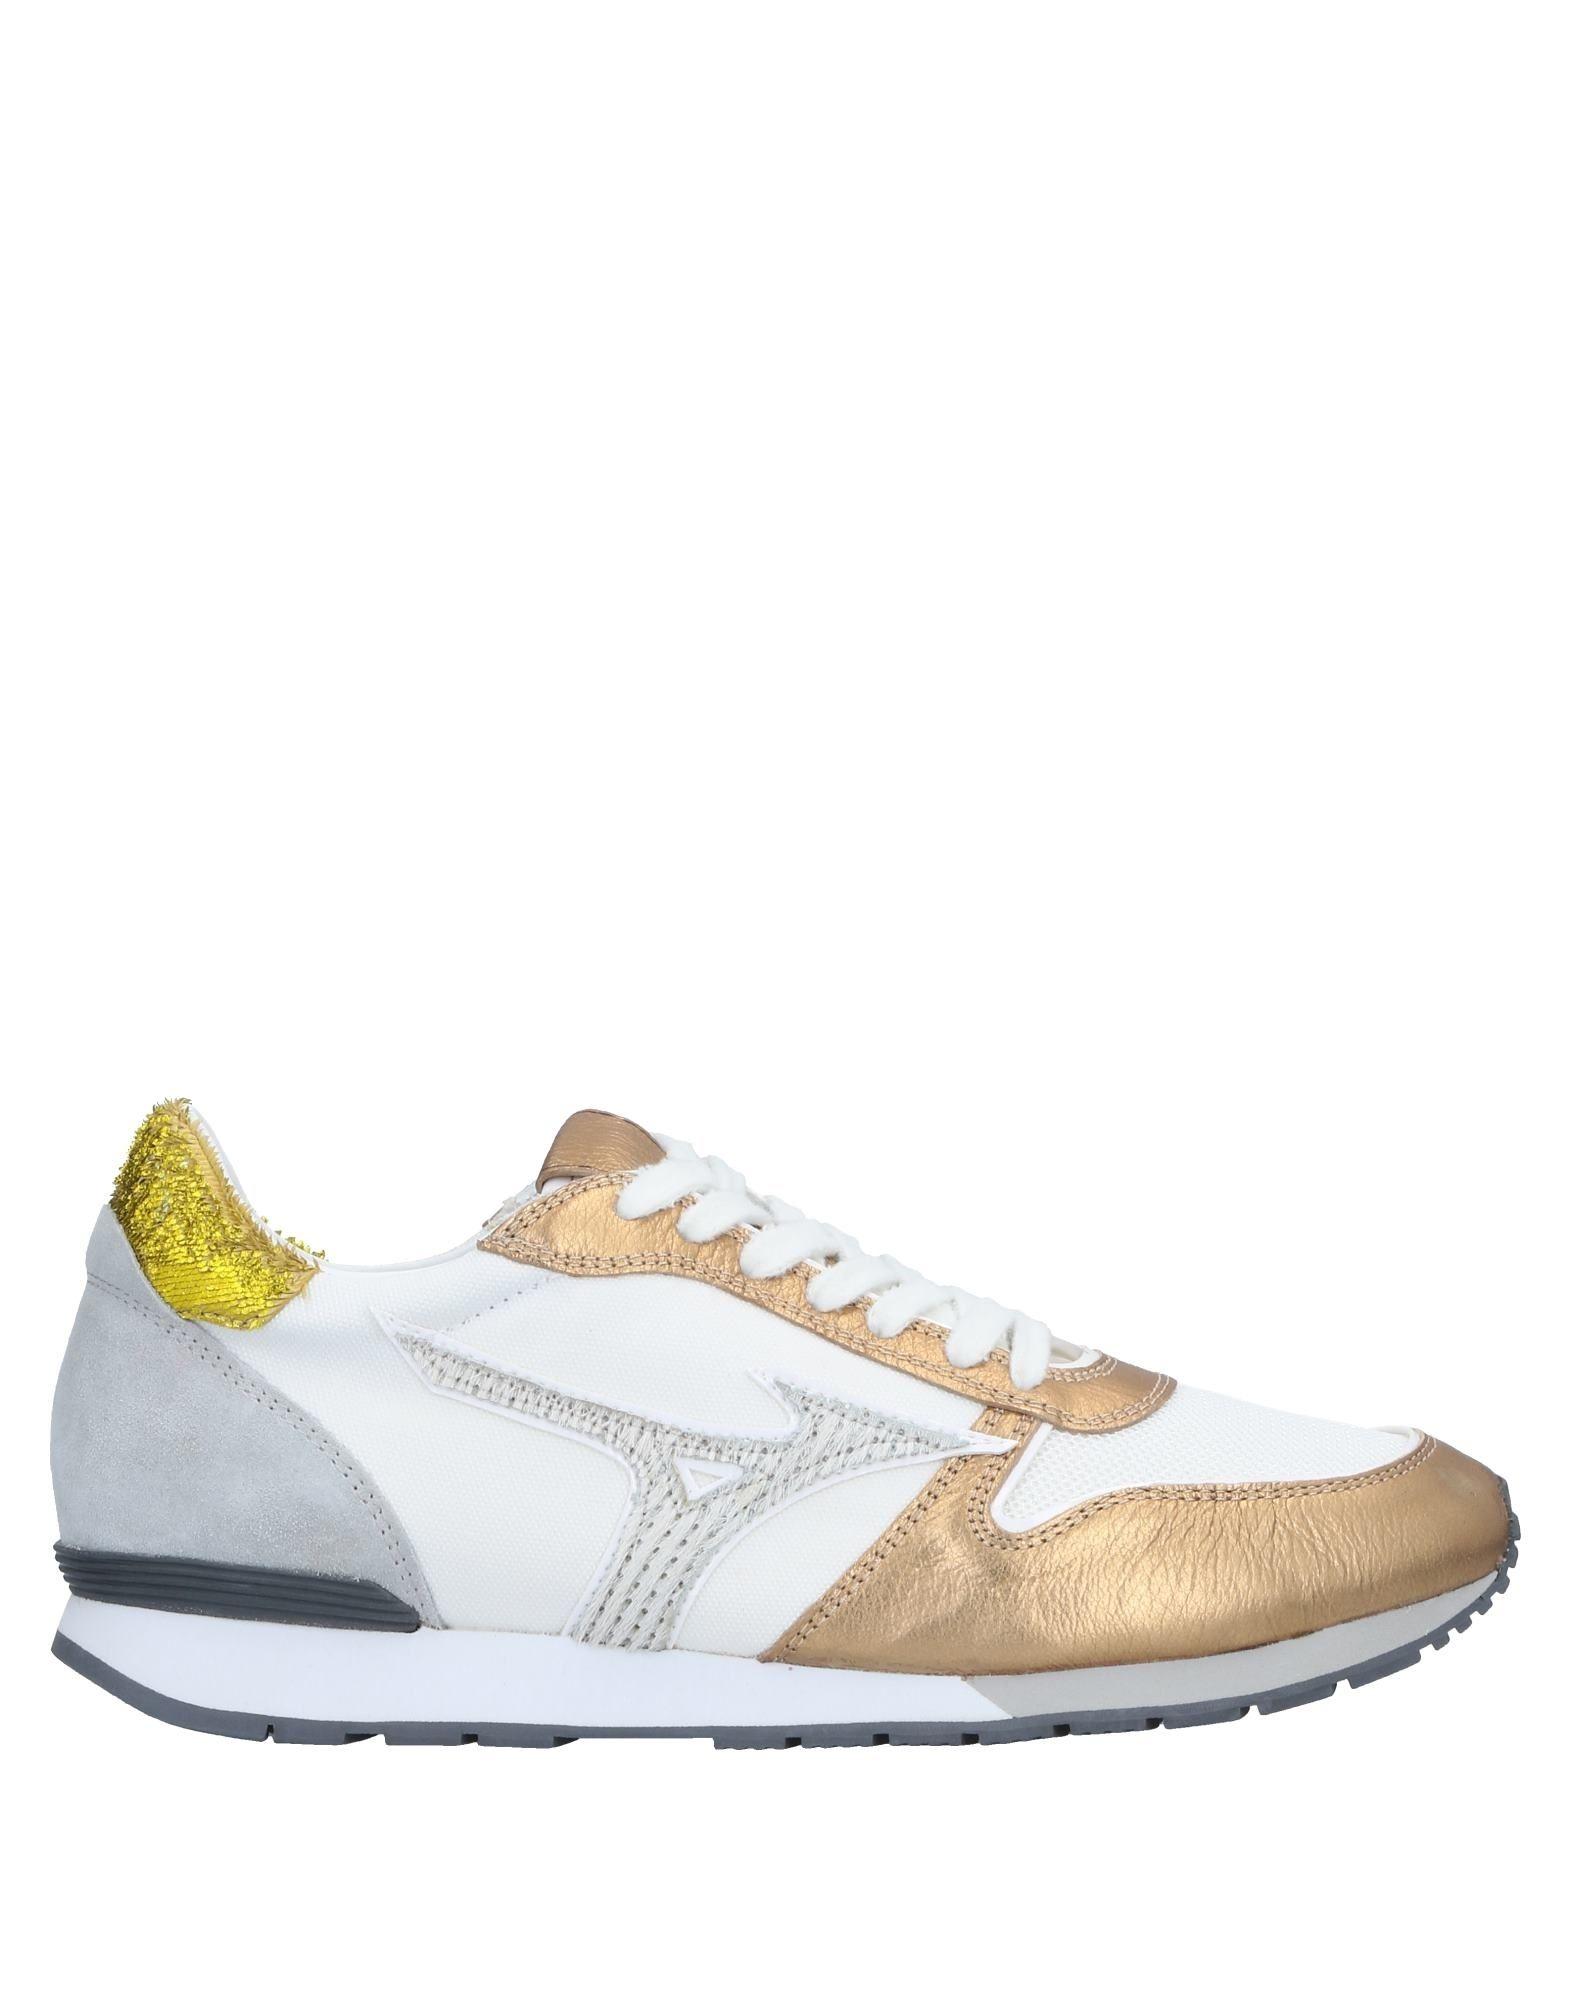 Scarpe economiche e resistenti Sneakers Mizuno Donna - 11416045IP